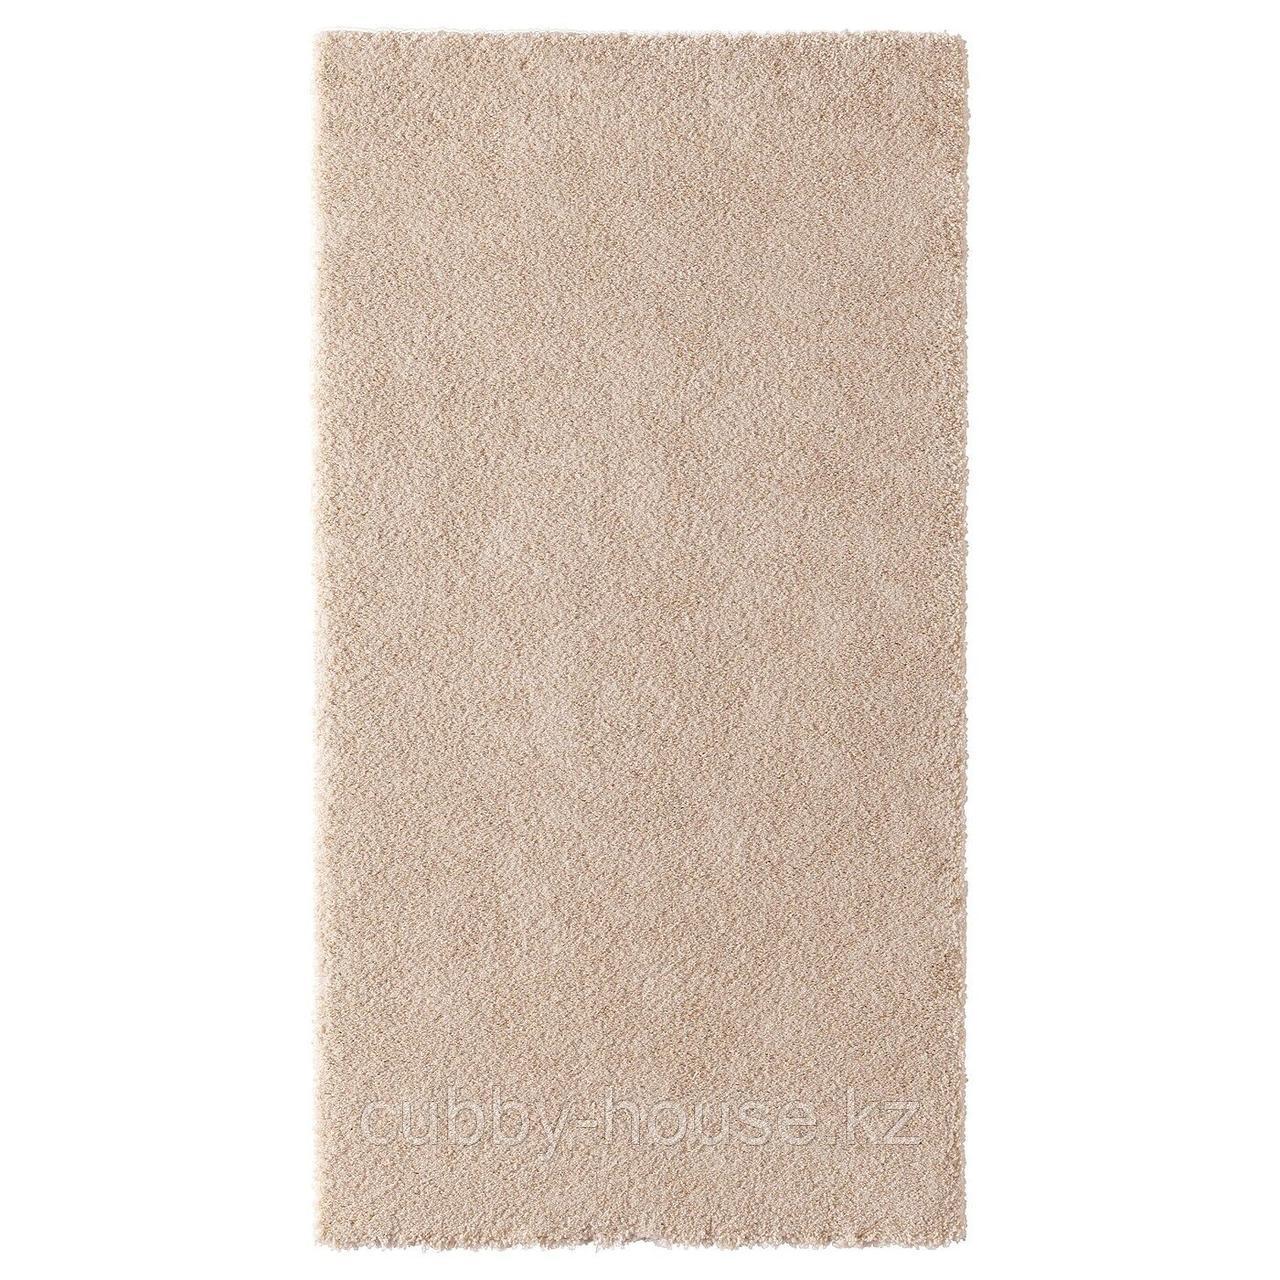 СТОЭНСЕ Ковер, короткий ворс, белый с оттенком, 80x150 см